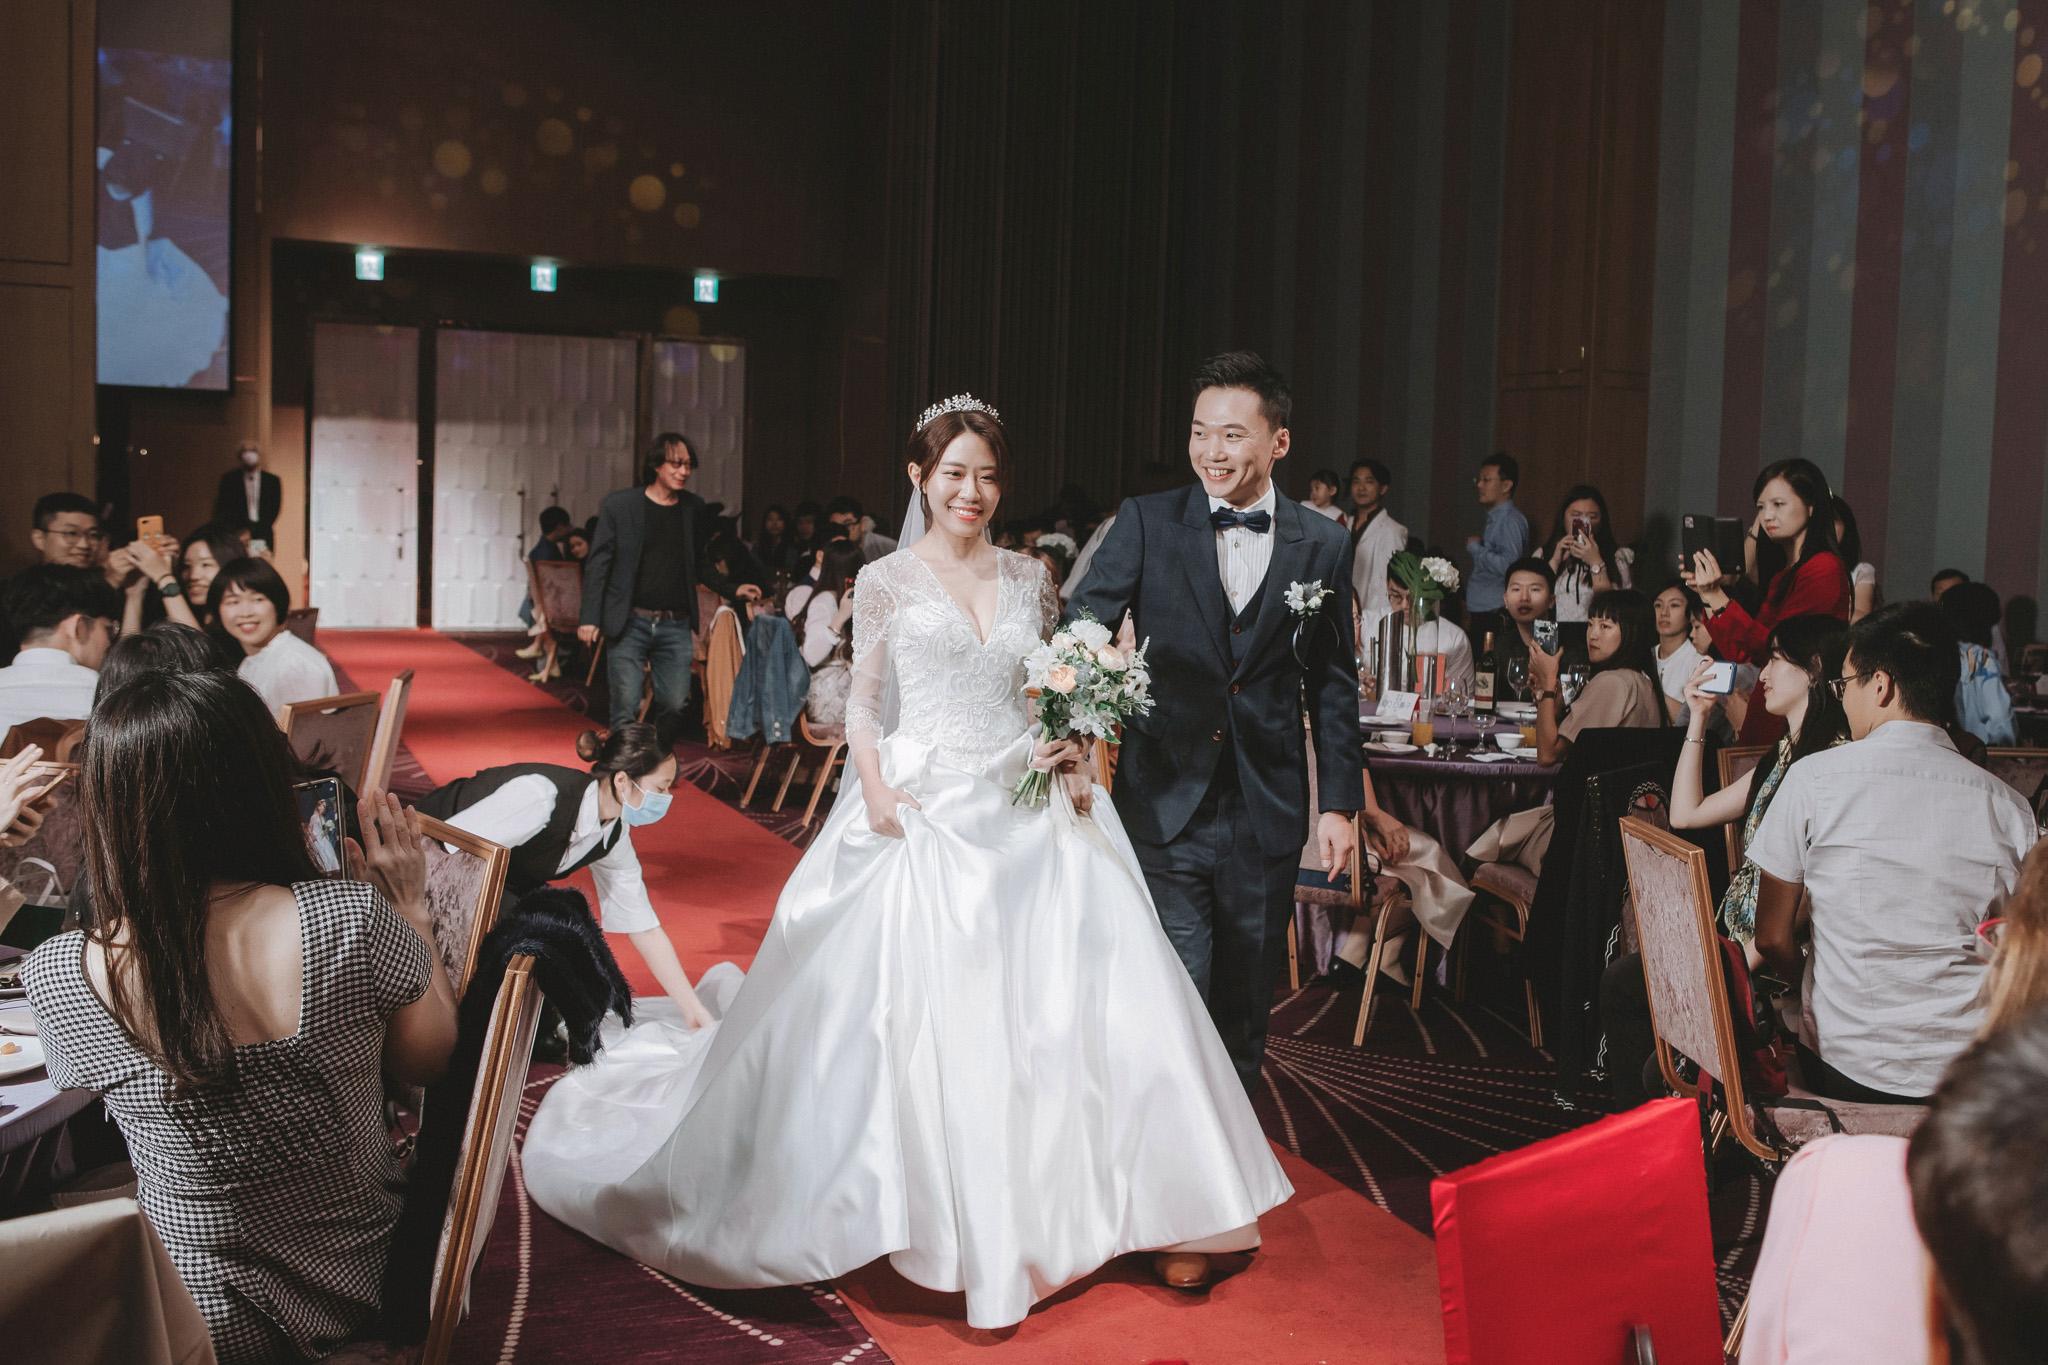 EW 居米 台北婚宴 台北婚紗 台北婚攝 國泰萬怡 台北婚禮 -32